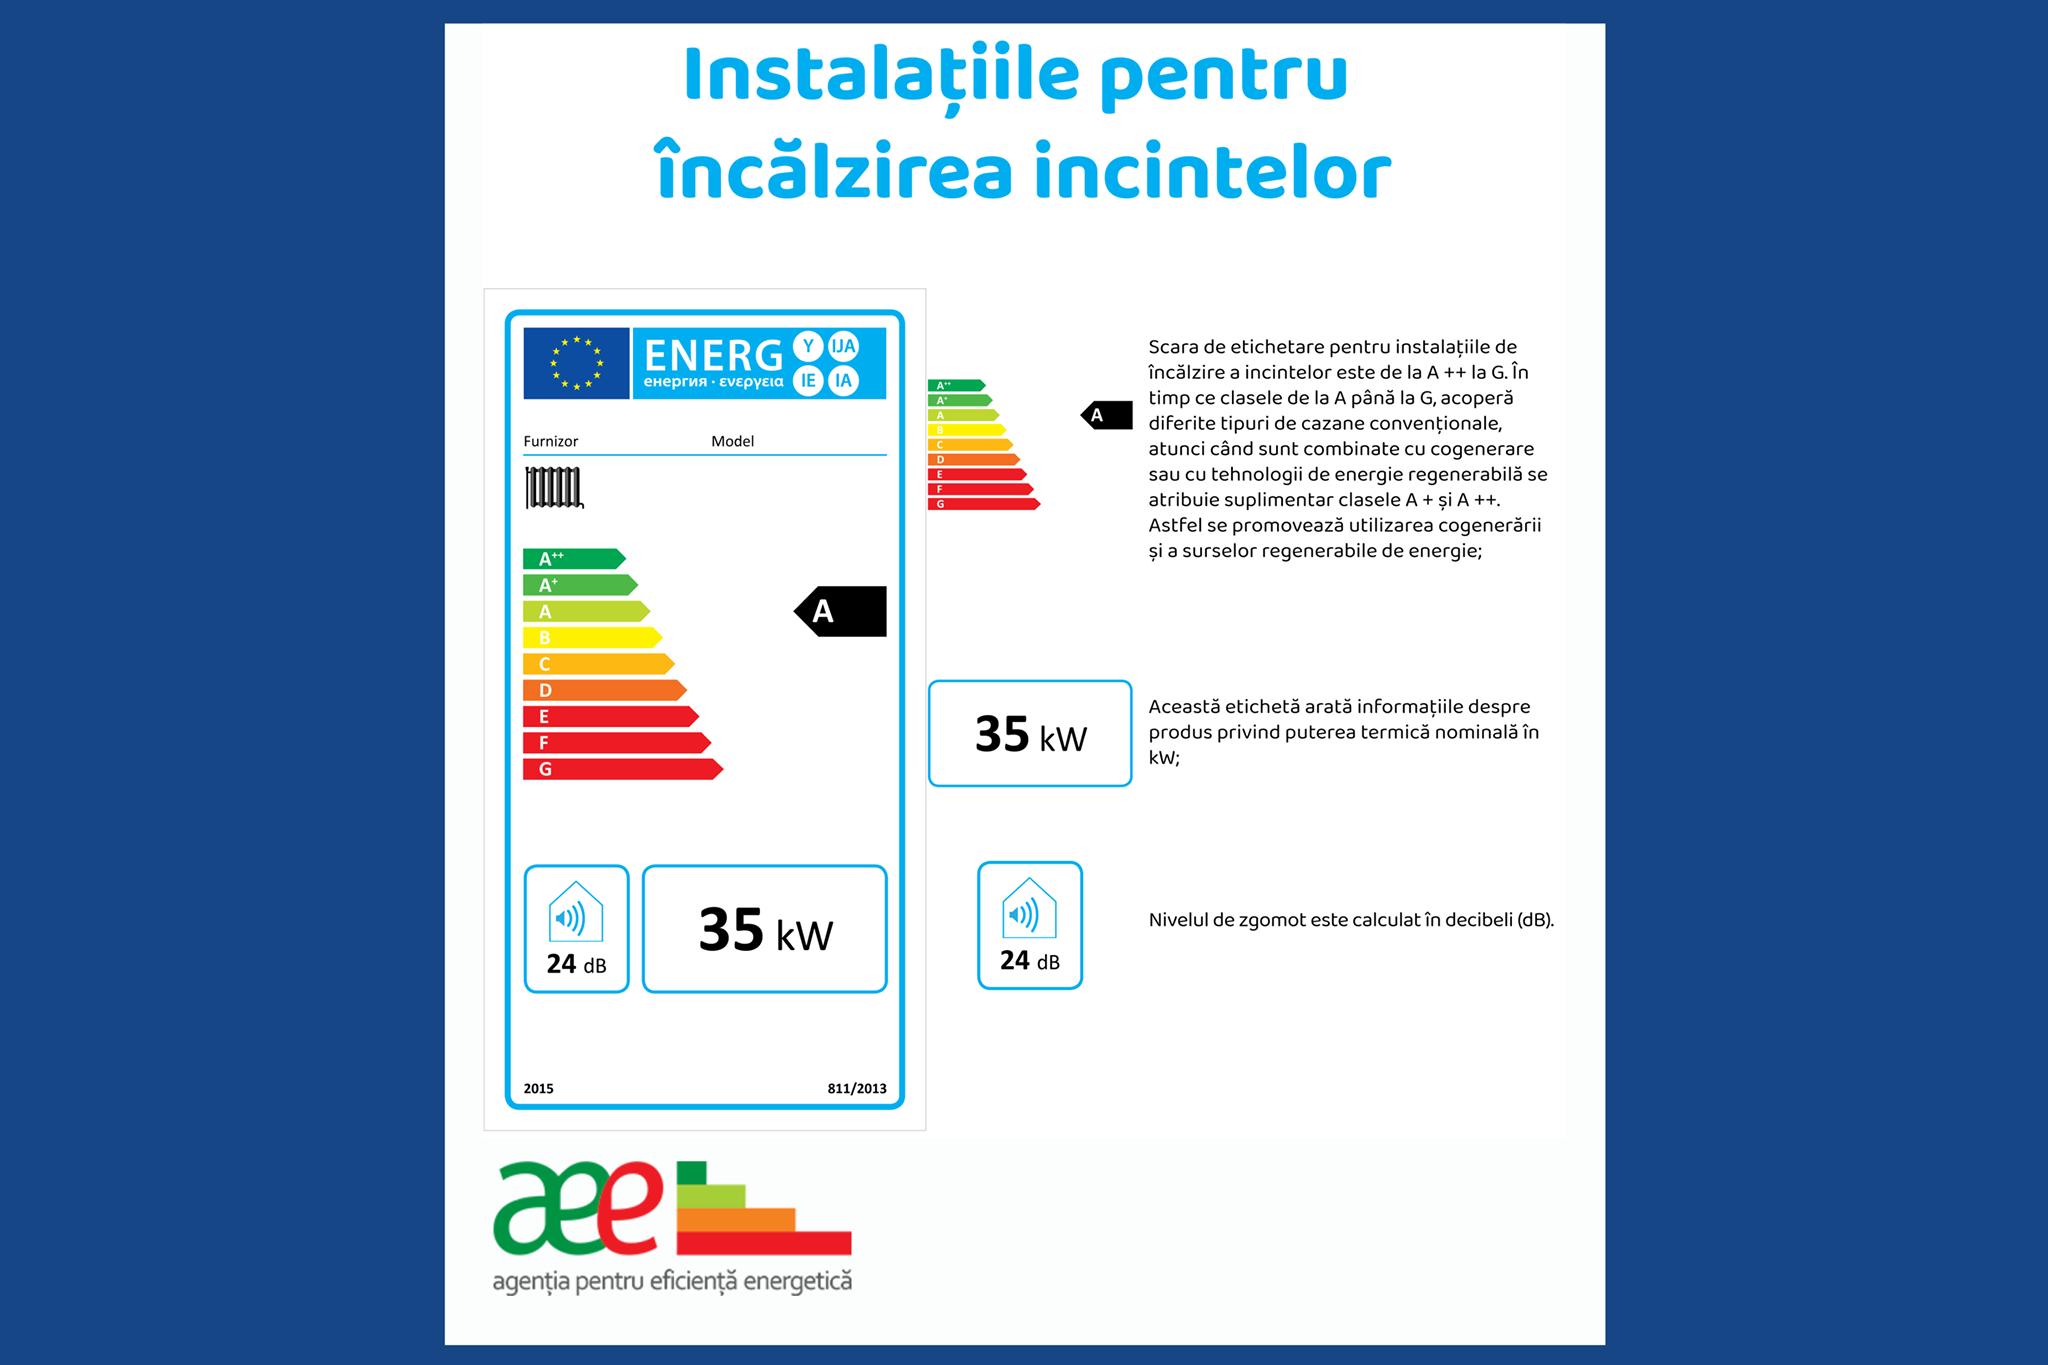 Cum se citește corect eticheta energetică pentru instalațiile de încălzire